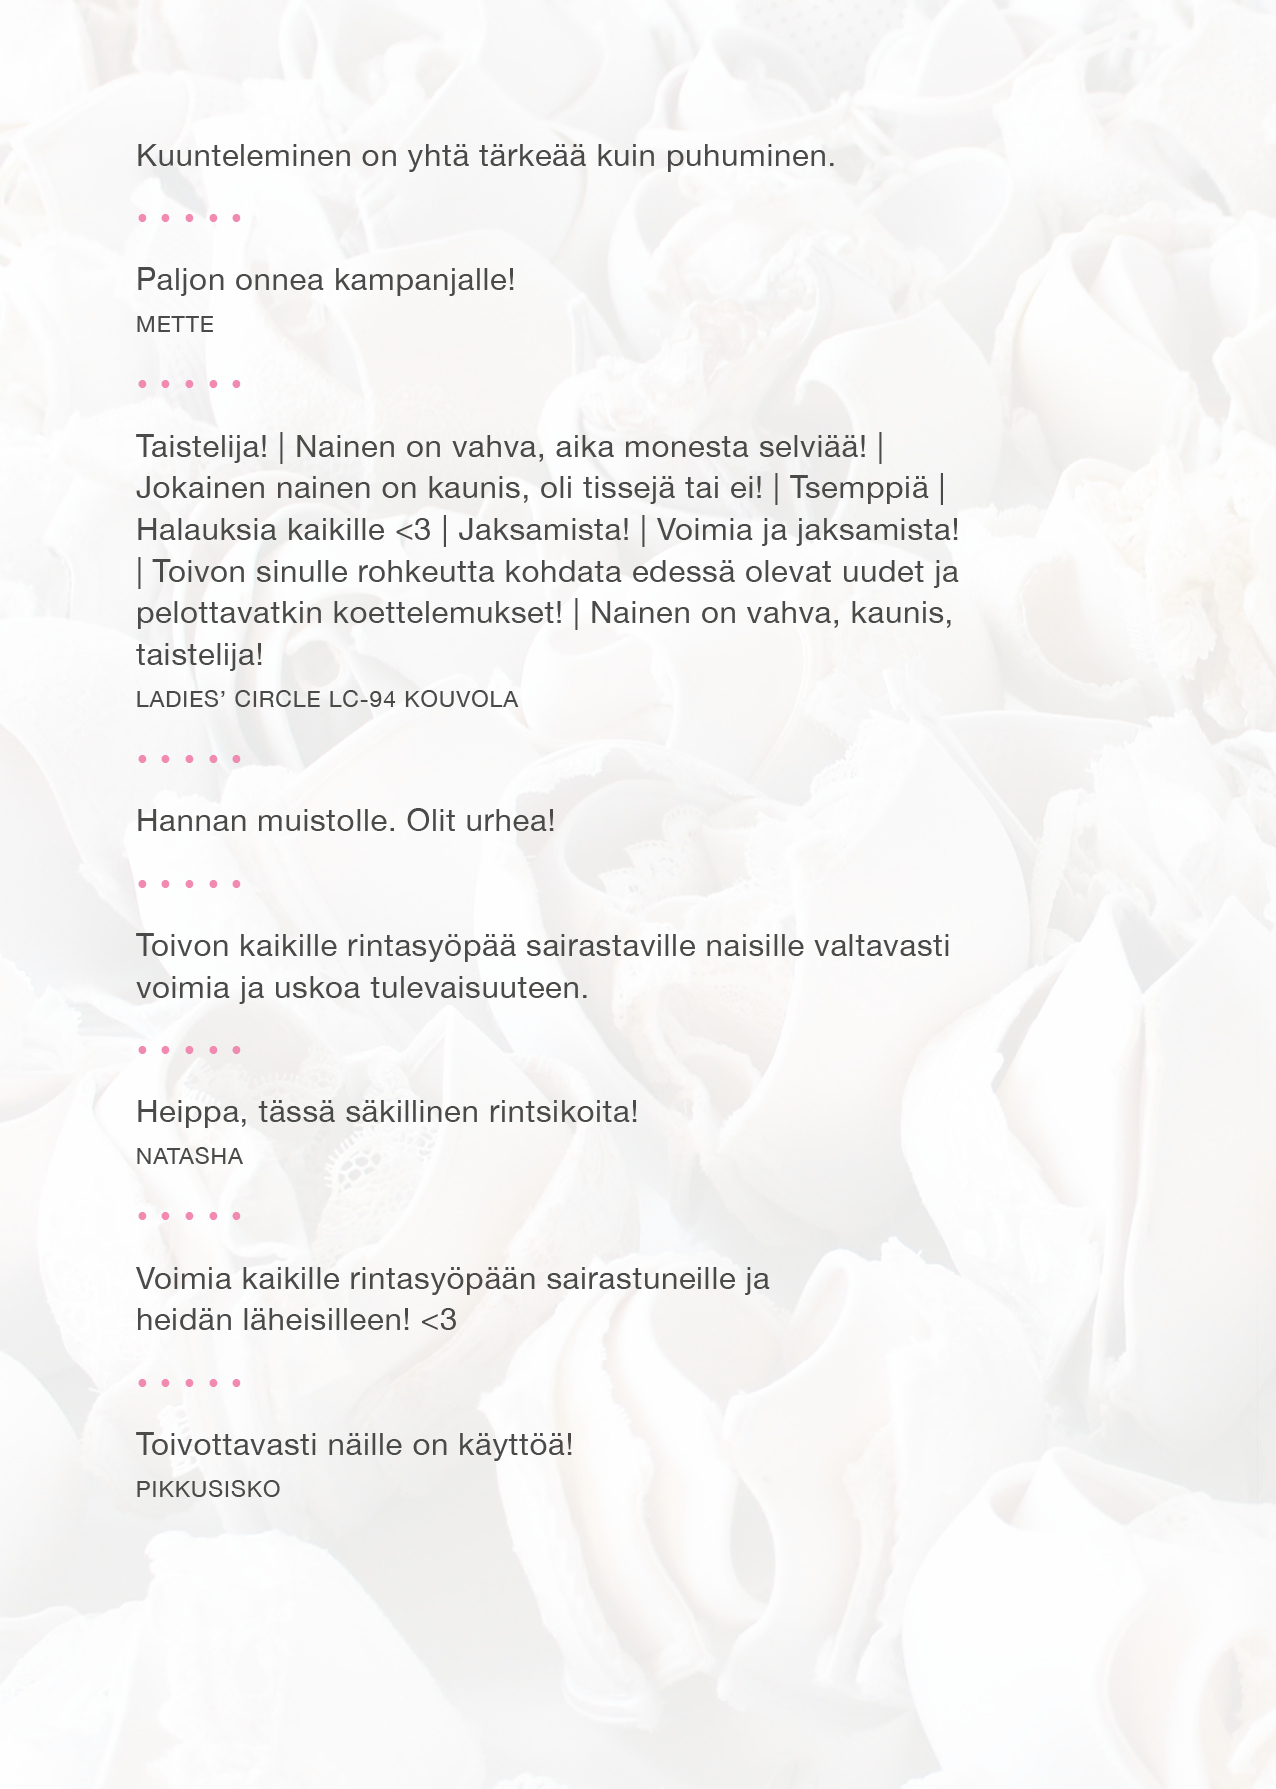 viestit_500012